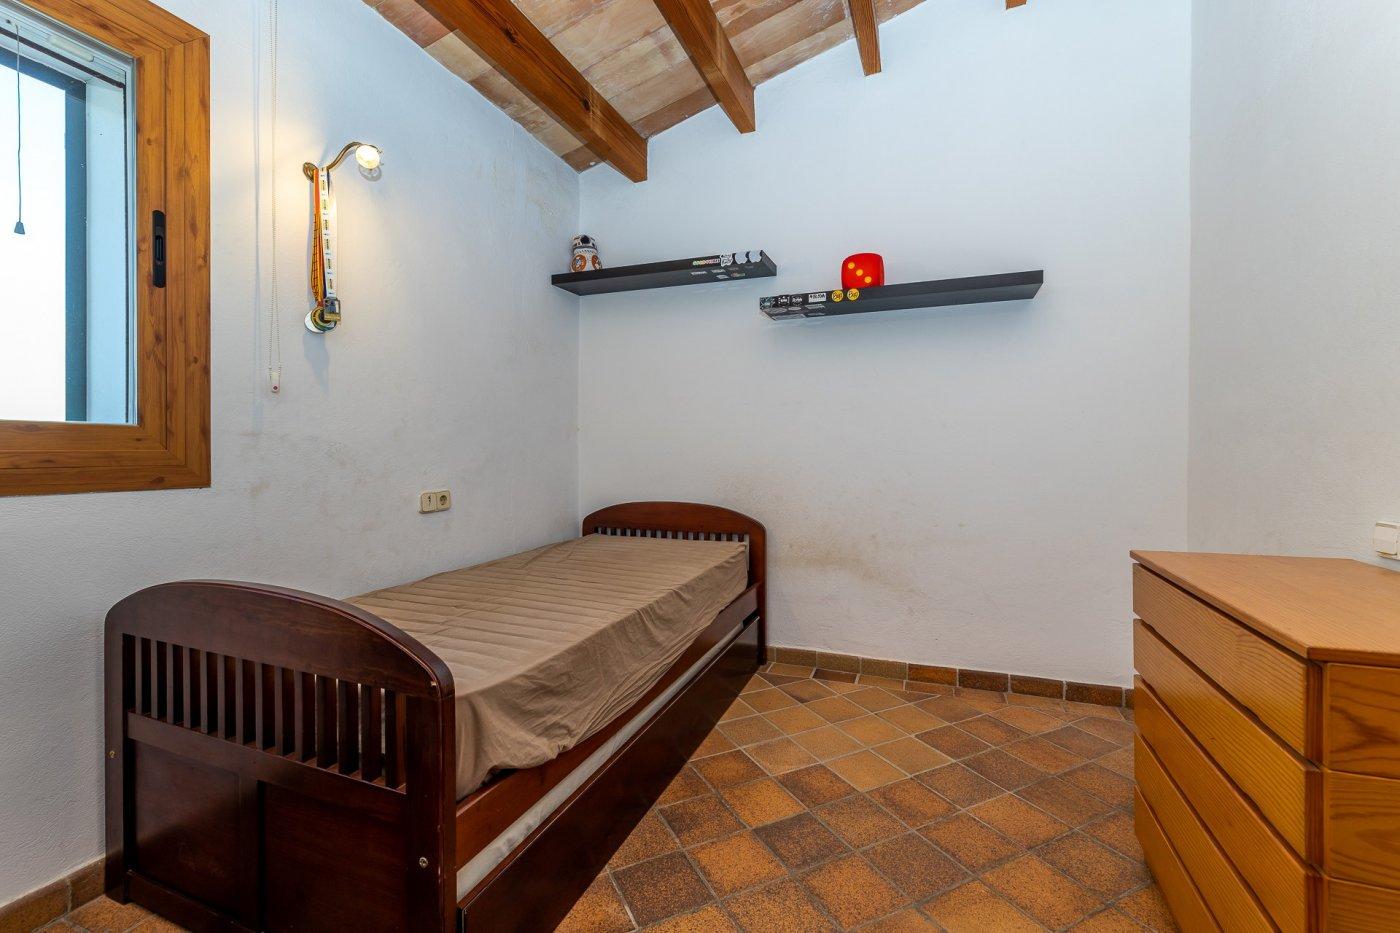 Encantadora finca rÚstica con casa de invitados  en marratxinet - imagenInmueble16